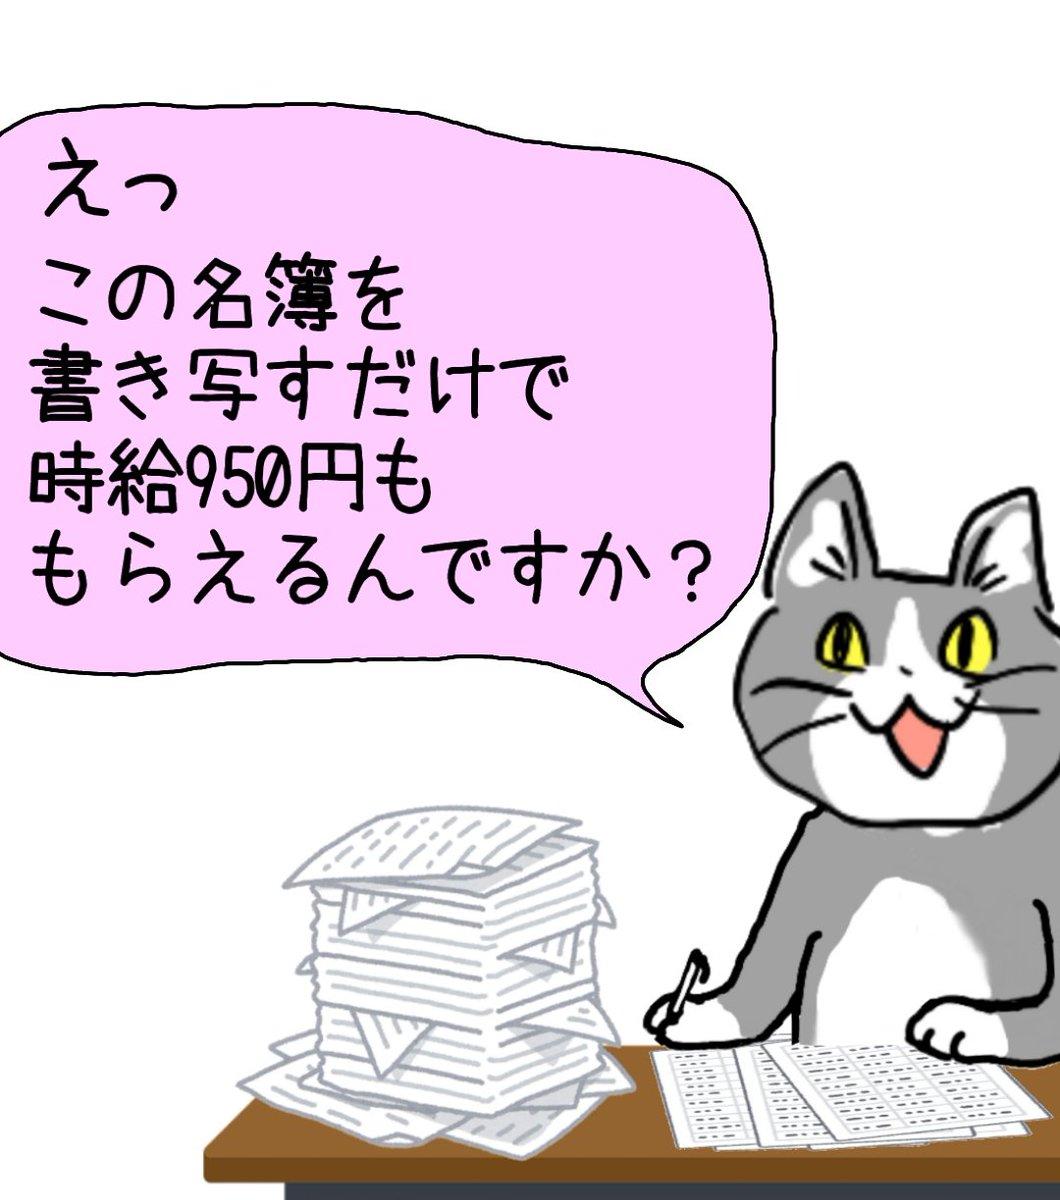 🐱「またあの楽なアルバイトの募集こないかなぁ」 #現場猫   #例のアレ